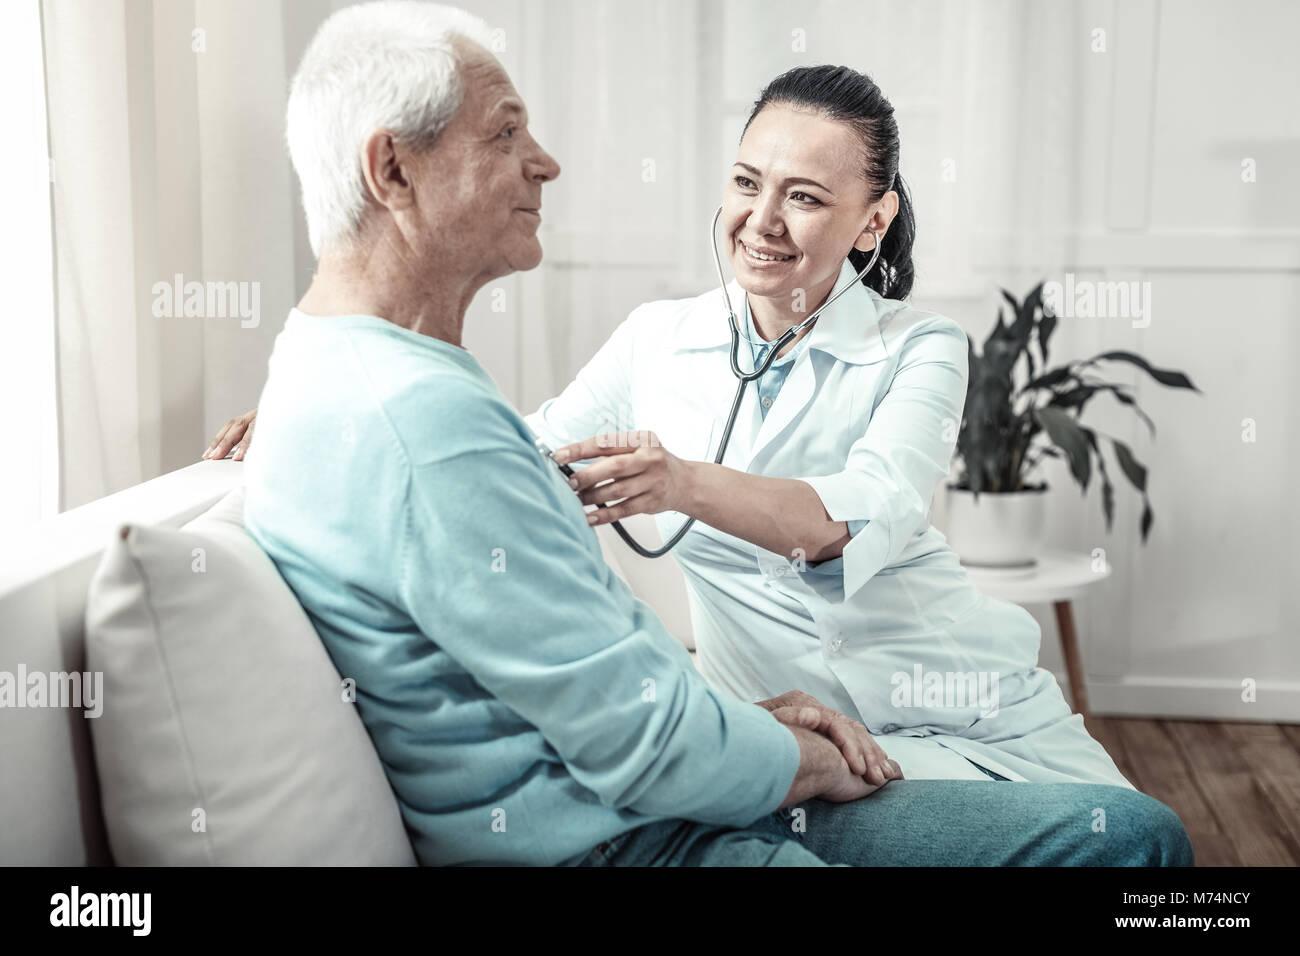 Piacevole specie infermiera usando il suo stetoscopio e sorridente. Immagini Stock